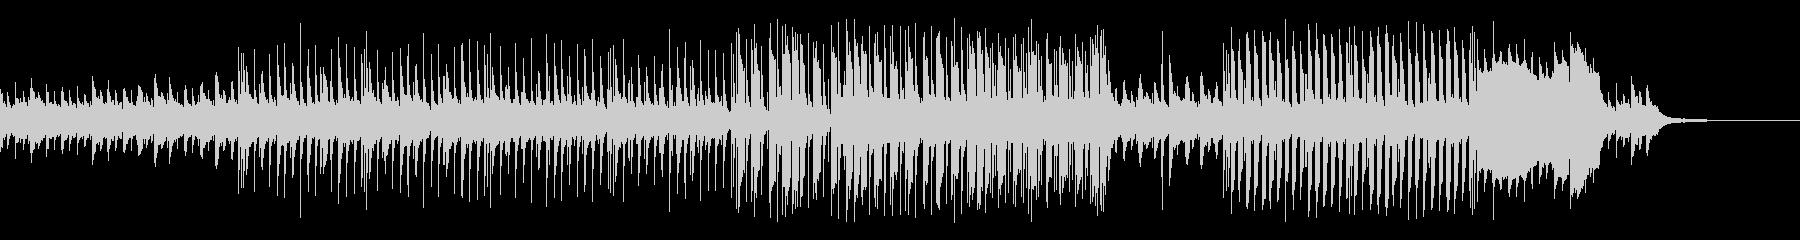 跳ねたリズムの可愛いピアノとマリンバの曲の未再生の波形